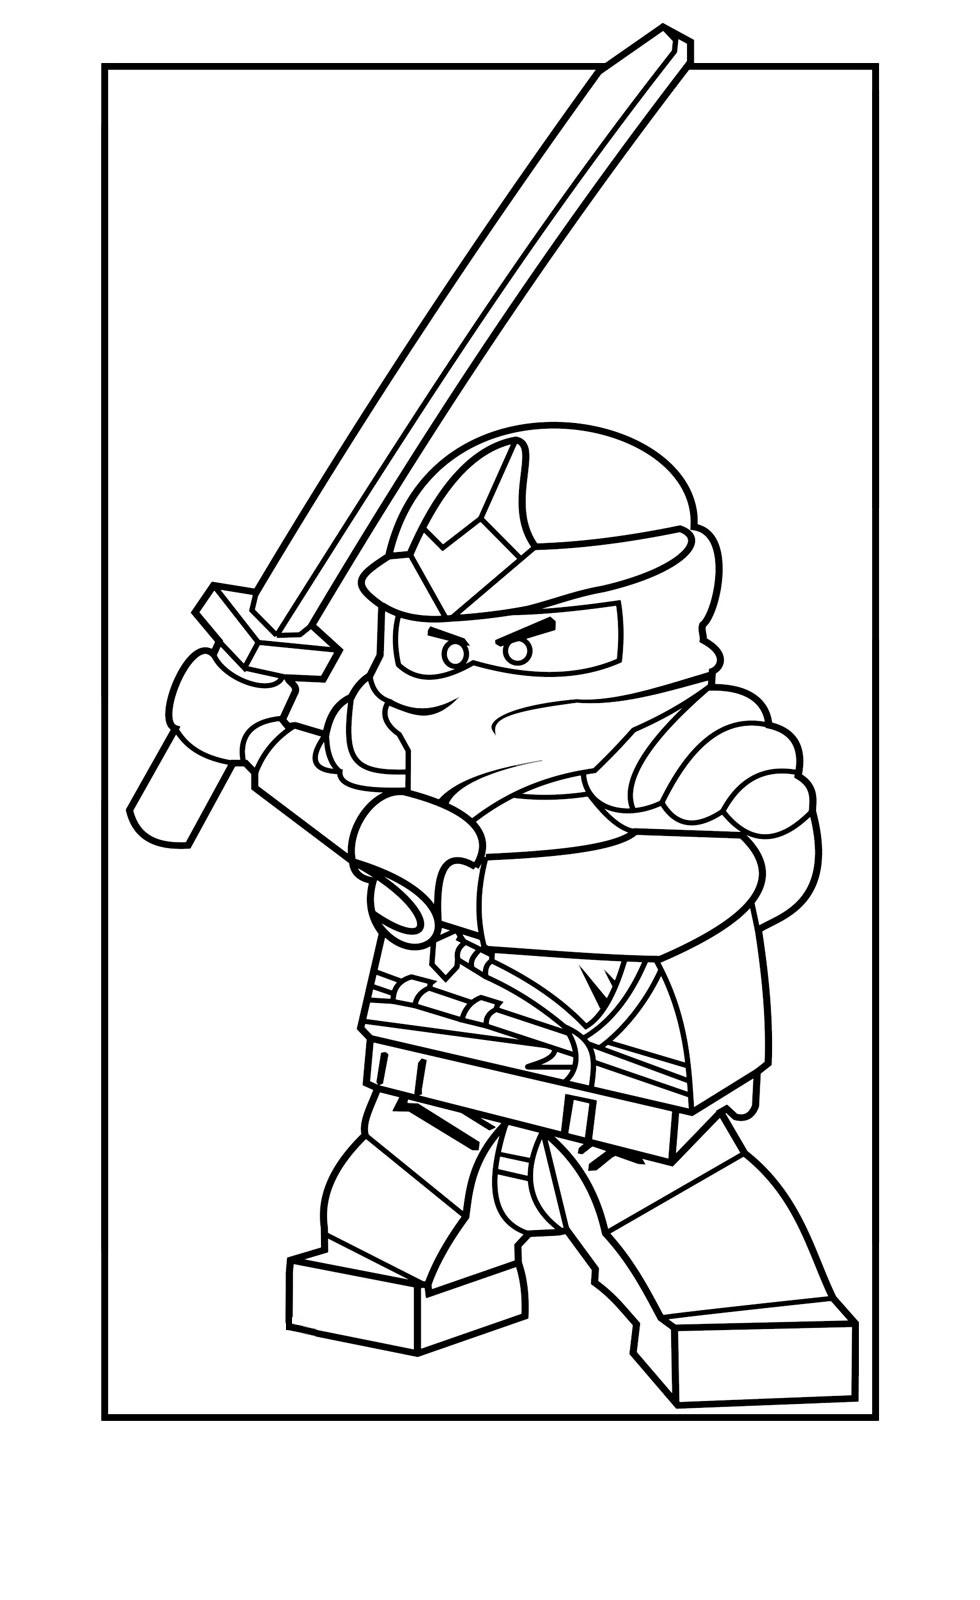 Раскраска для мальчиков Ninjago Zane ZX - распечатать ...